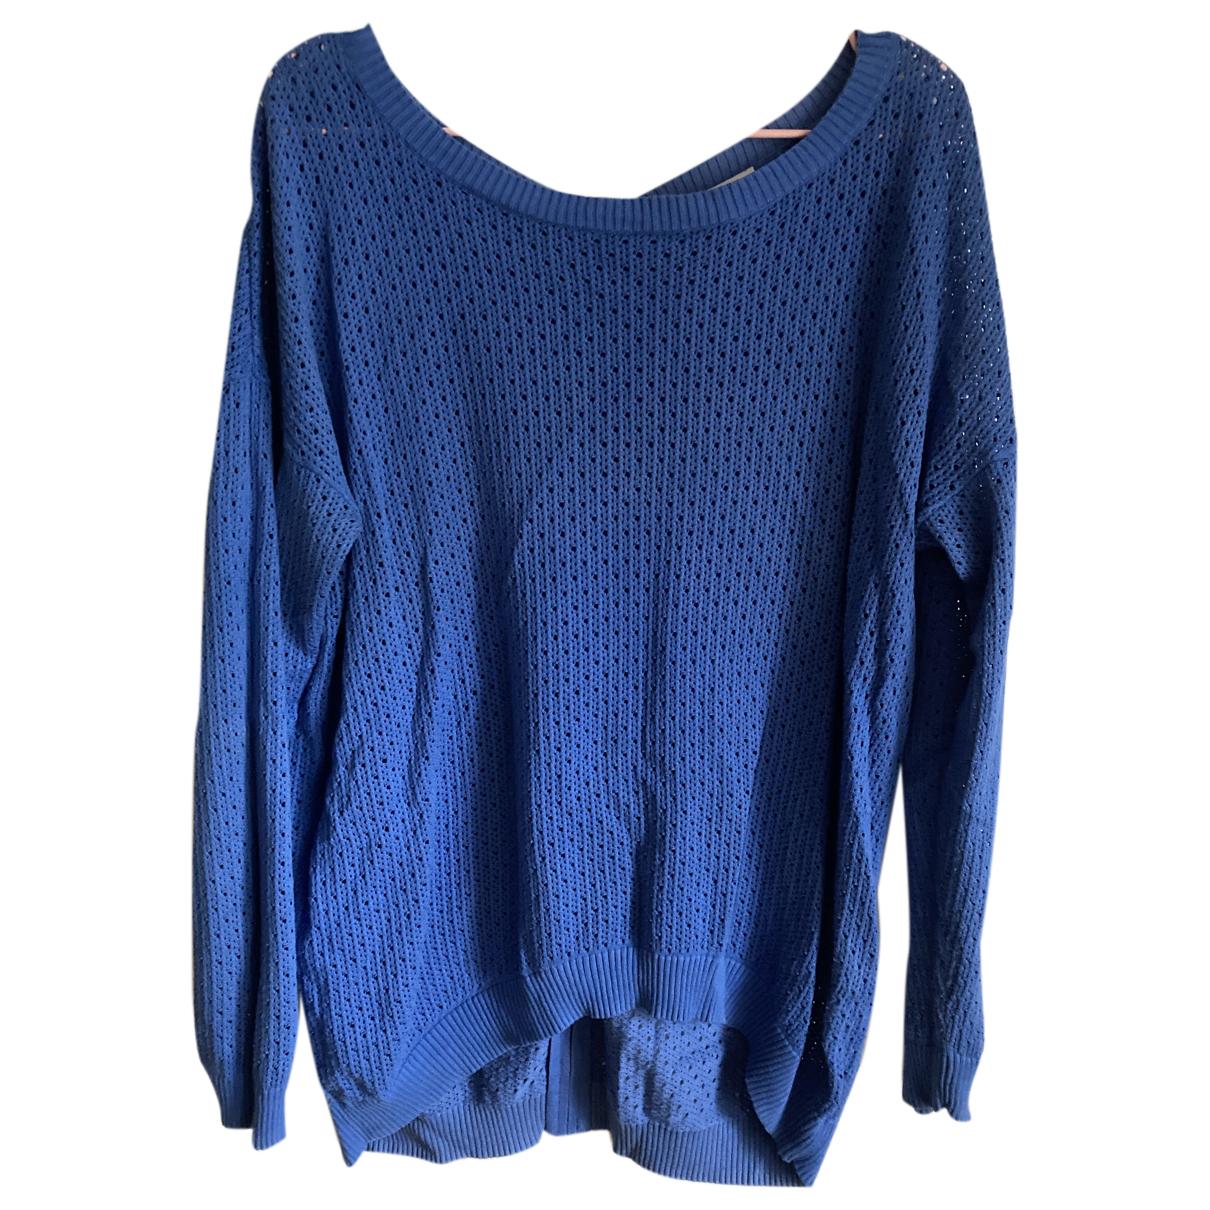 Sandro N Blue Cotton Knitwear for Women 3 0-5